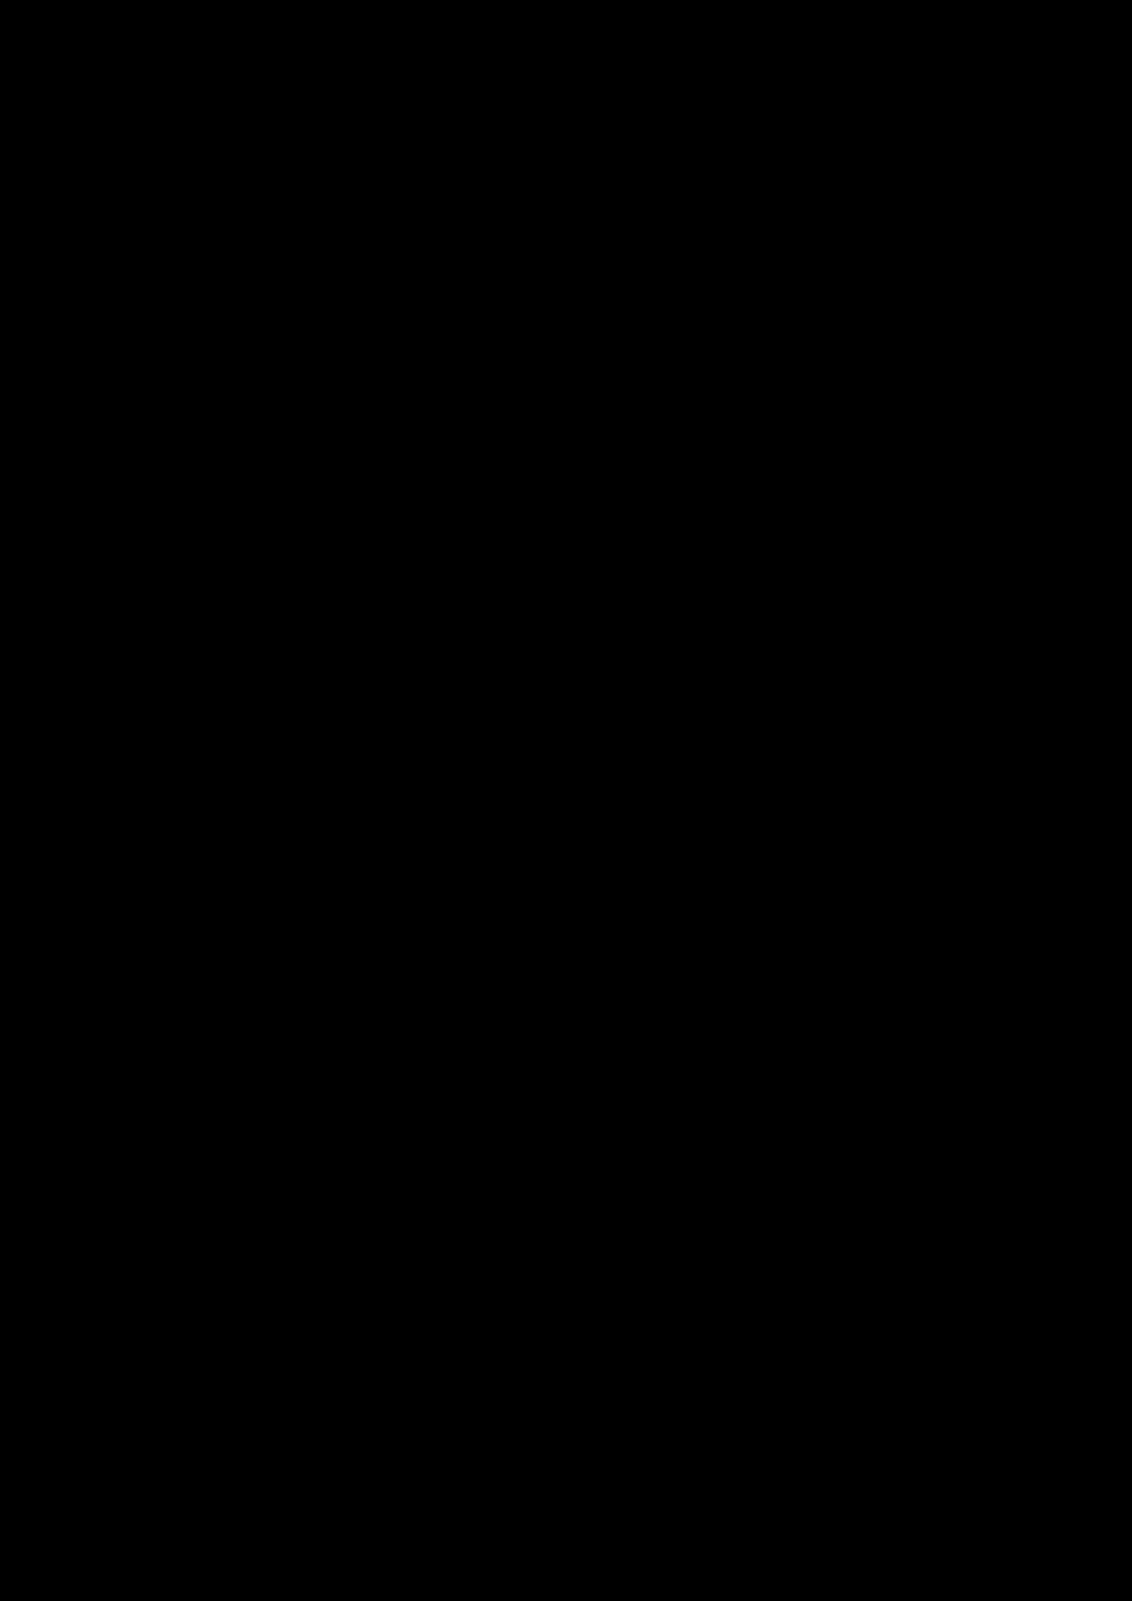 Serdtse slide, Image 50